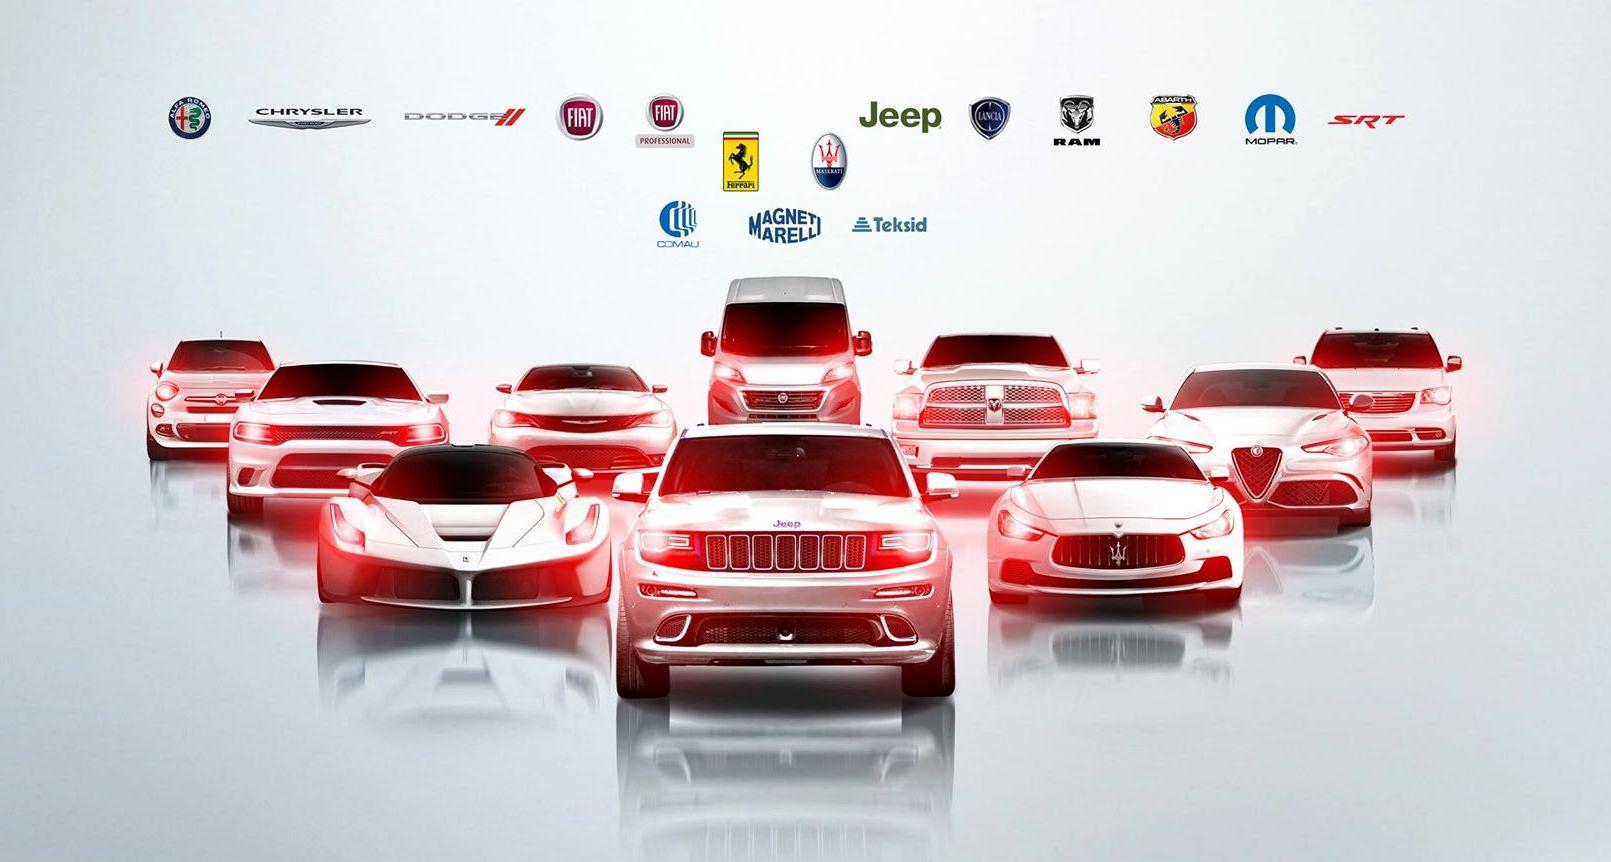 С2022 года Фиат Chrysler может отказаться отвыпуска дизельных авто